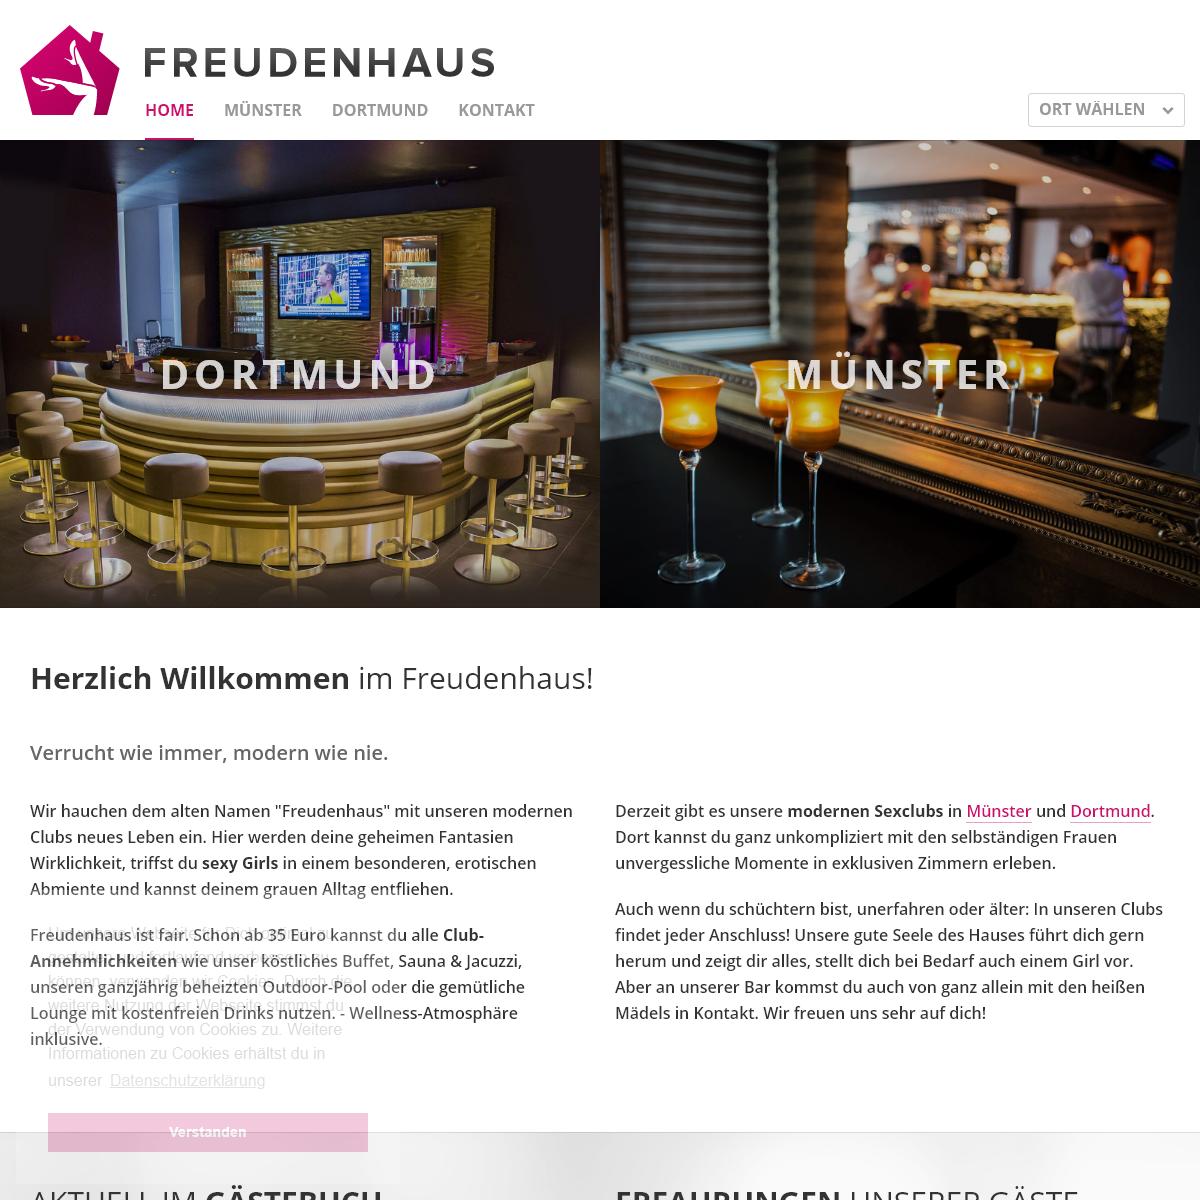 A complete backup of freudenhaus.de